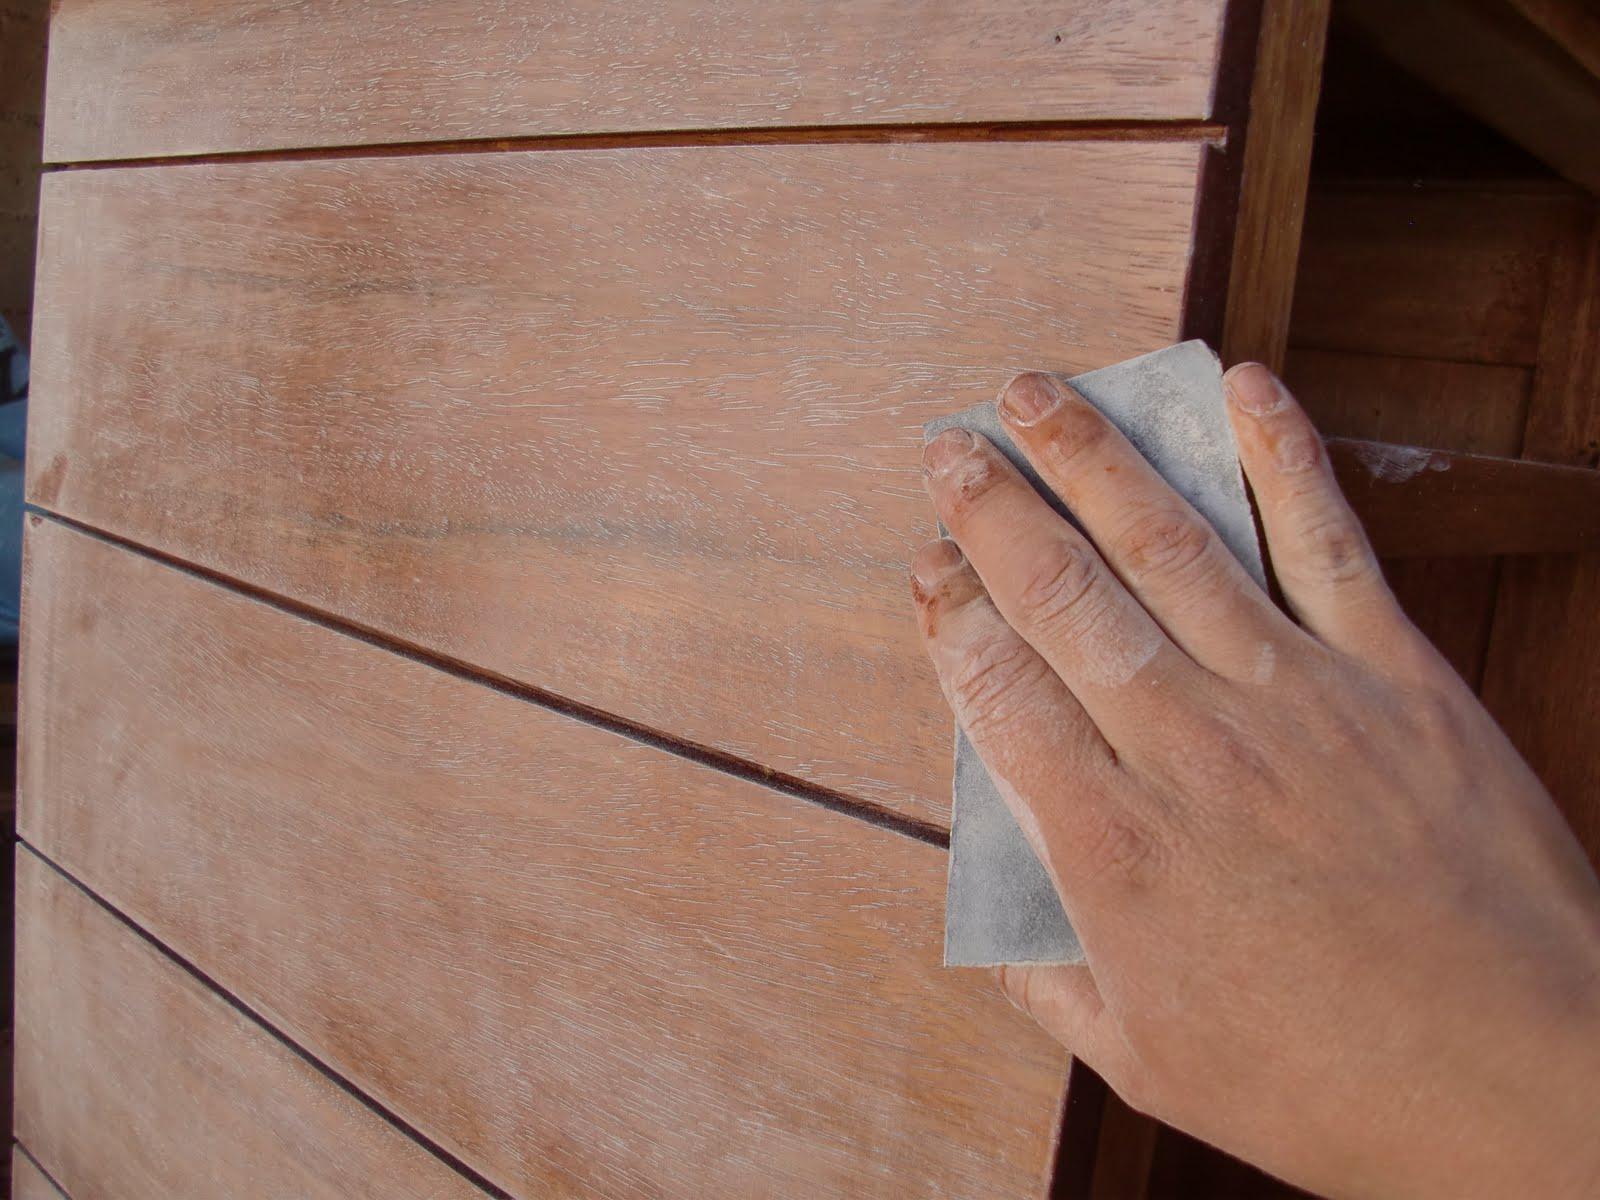 Pintar un mueble en blanco dise os arquitect nicos - Pintar madera de blanco ...